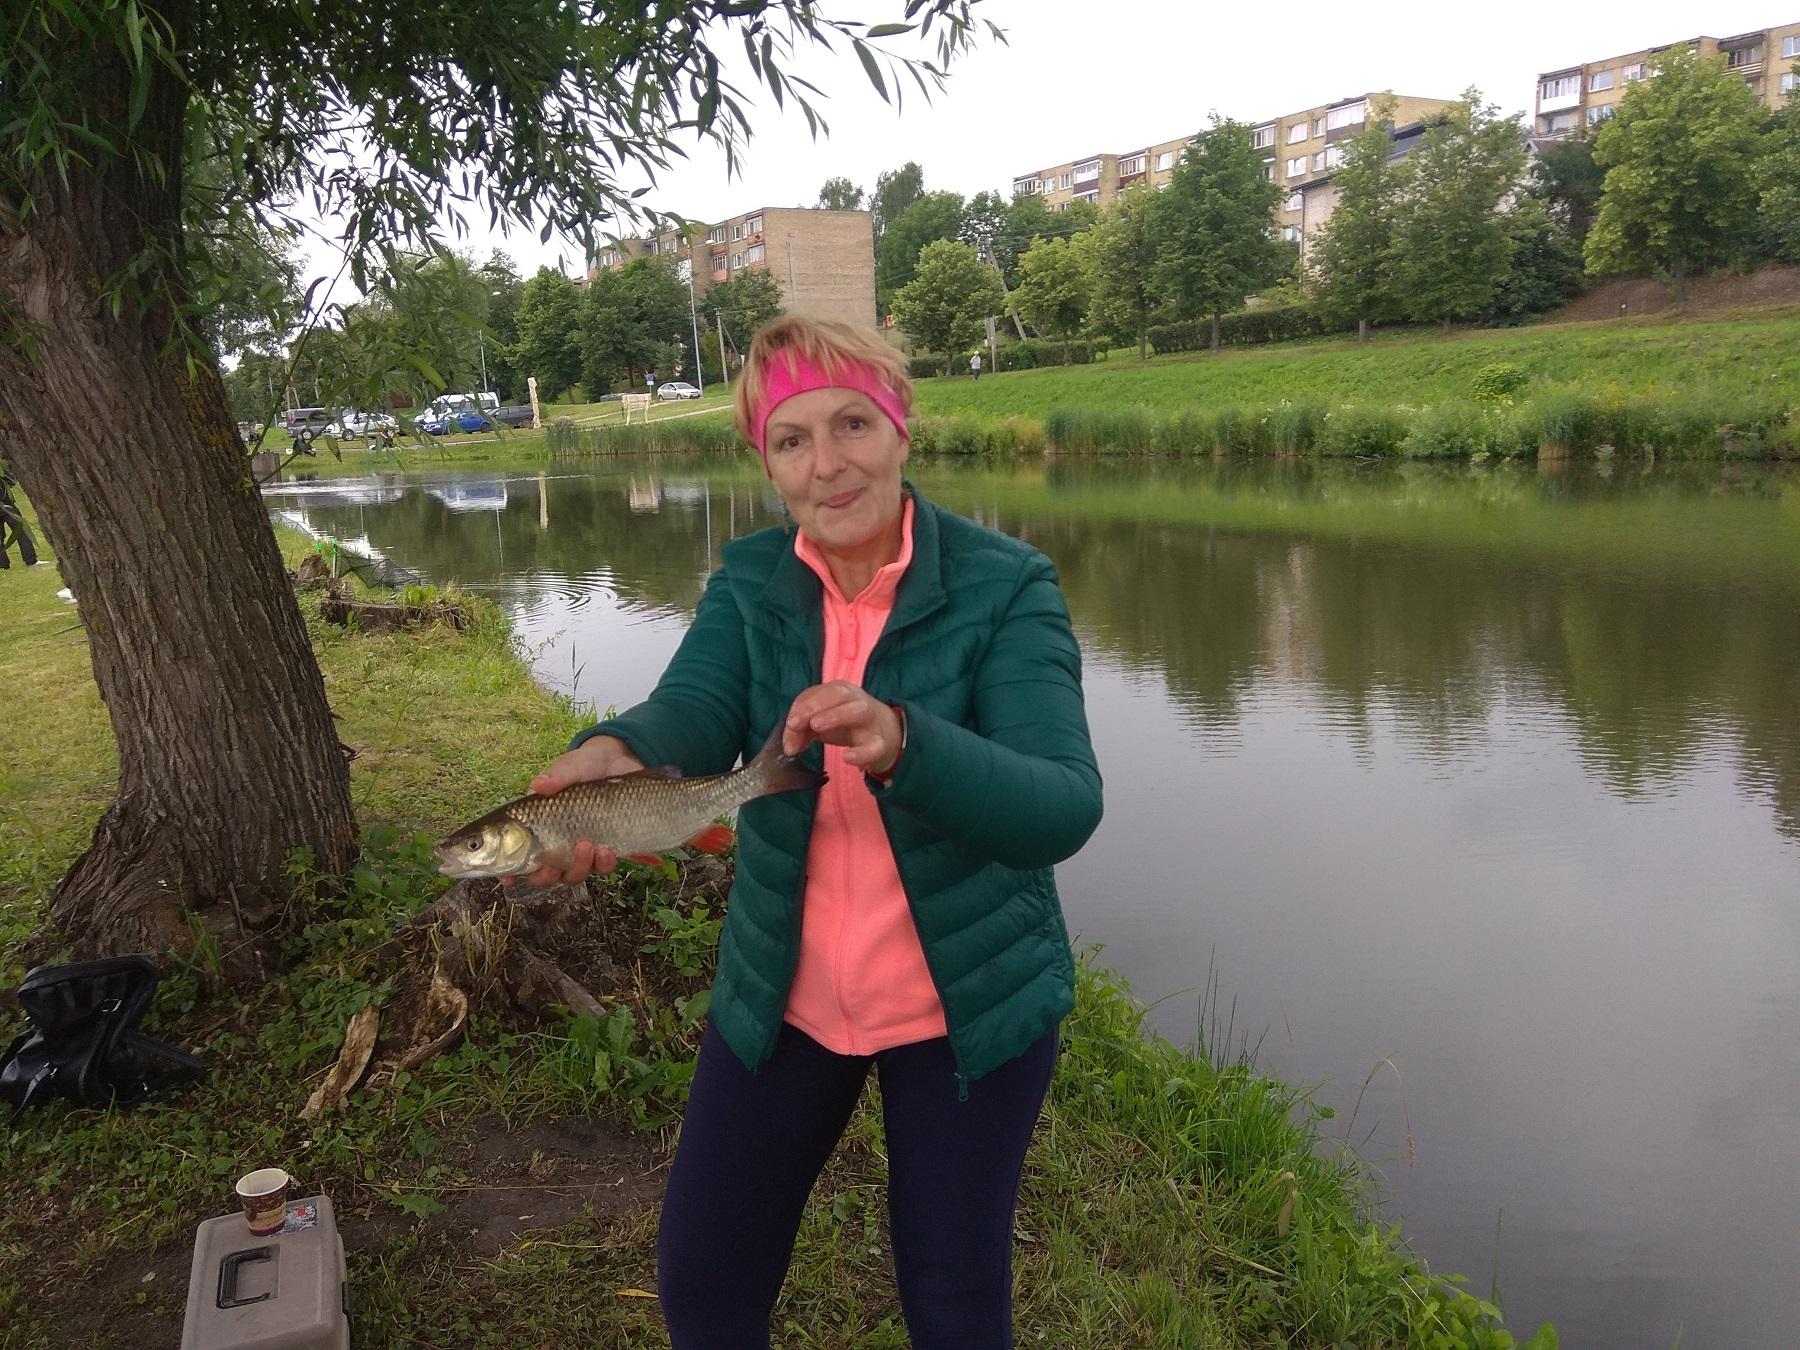 2.Iš Kauno į Kėdainius atvykusi žvejė Kristina Rimkienė sakė, kad mūsų miestas jai paliko didelį įspūdį. Moteriai vieną šapalą gražuolį pavyko ištraukti.